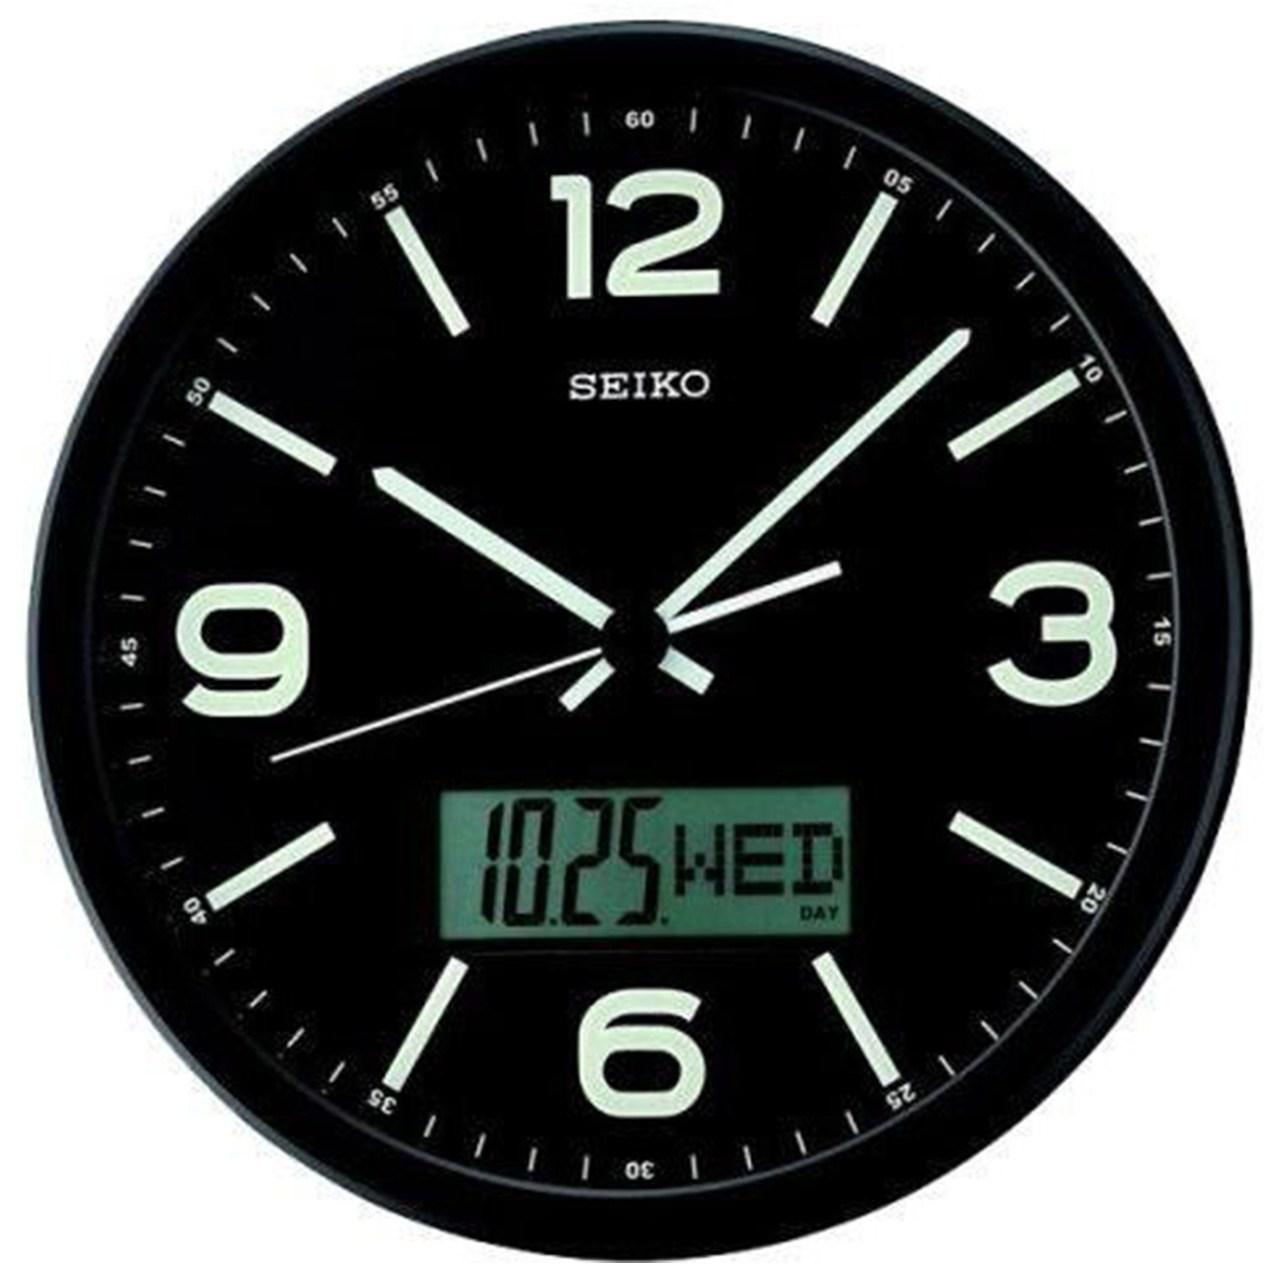 خرید ساعت دیواری سیکو مدل QXL010 | ساعت مچی